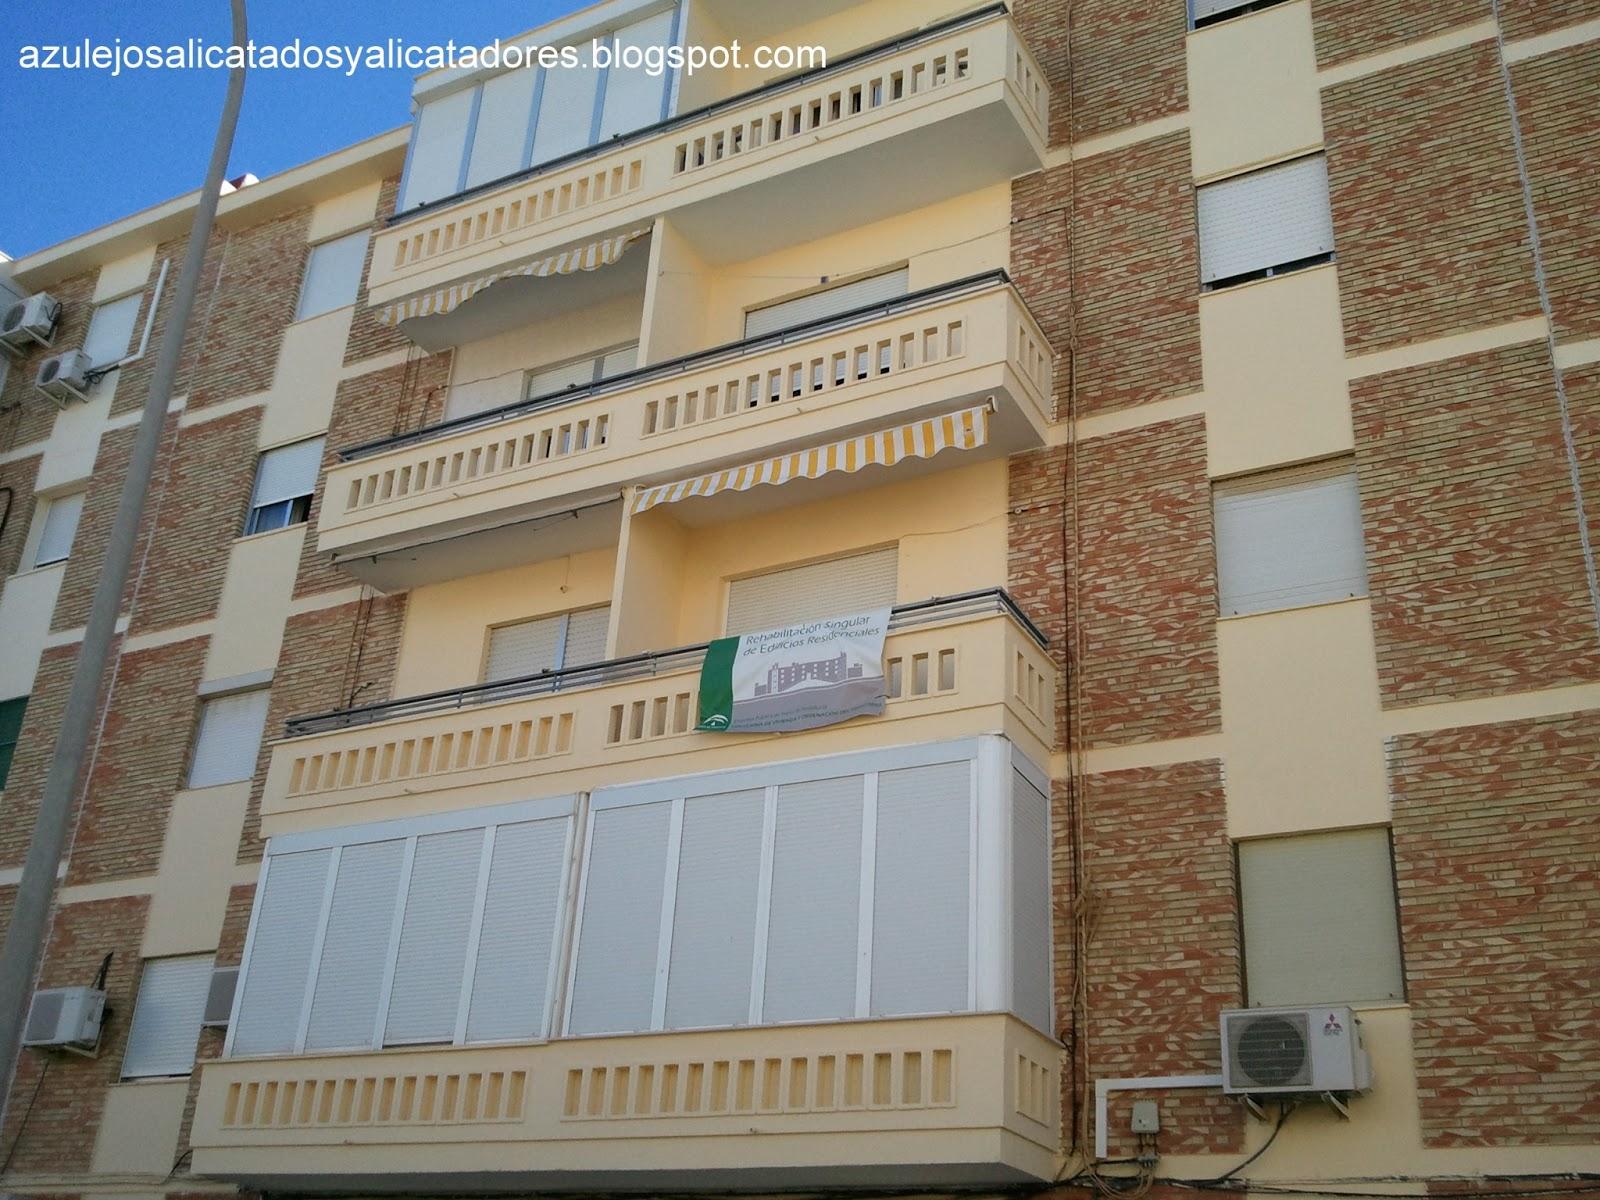 Azulejos alicatados y alicatadores febrero 2013 for Edificio de los azulejos